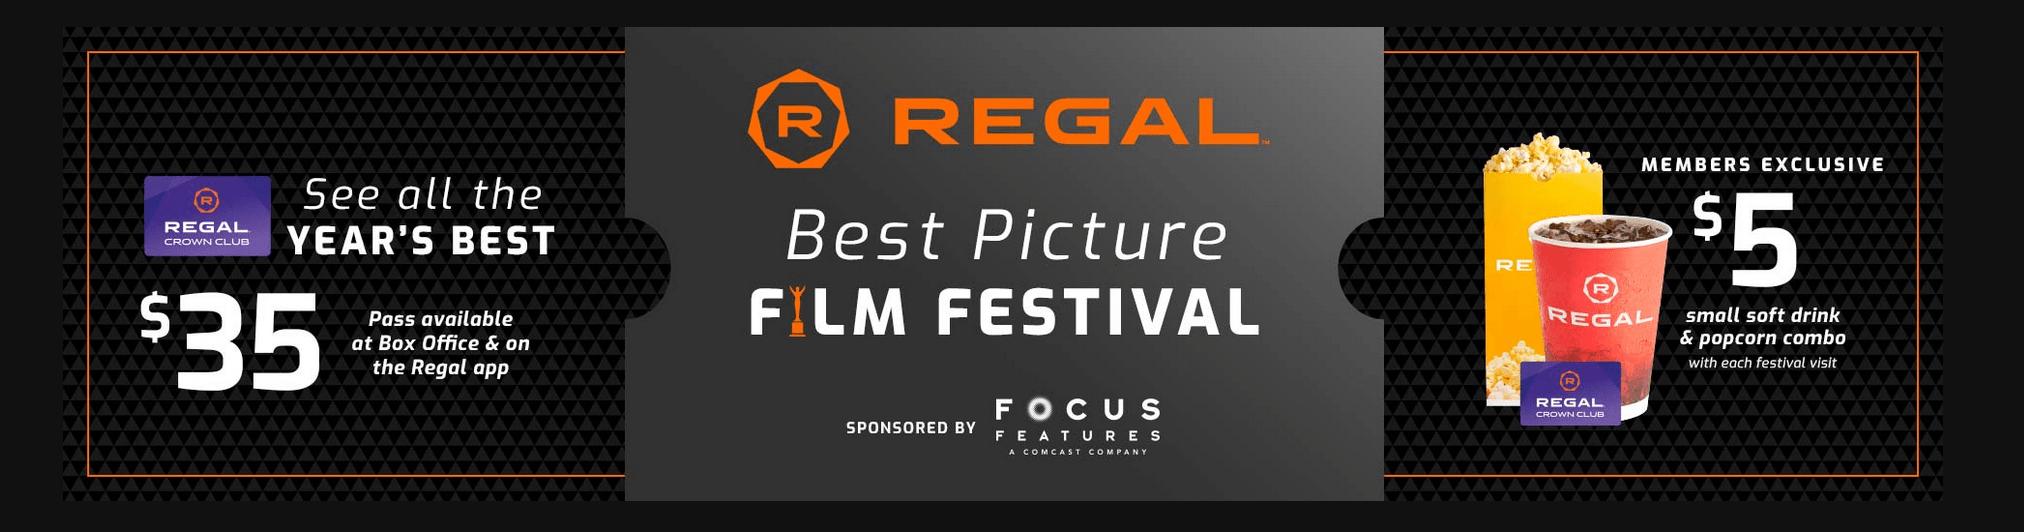 Regal Film Festival